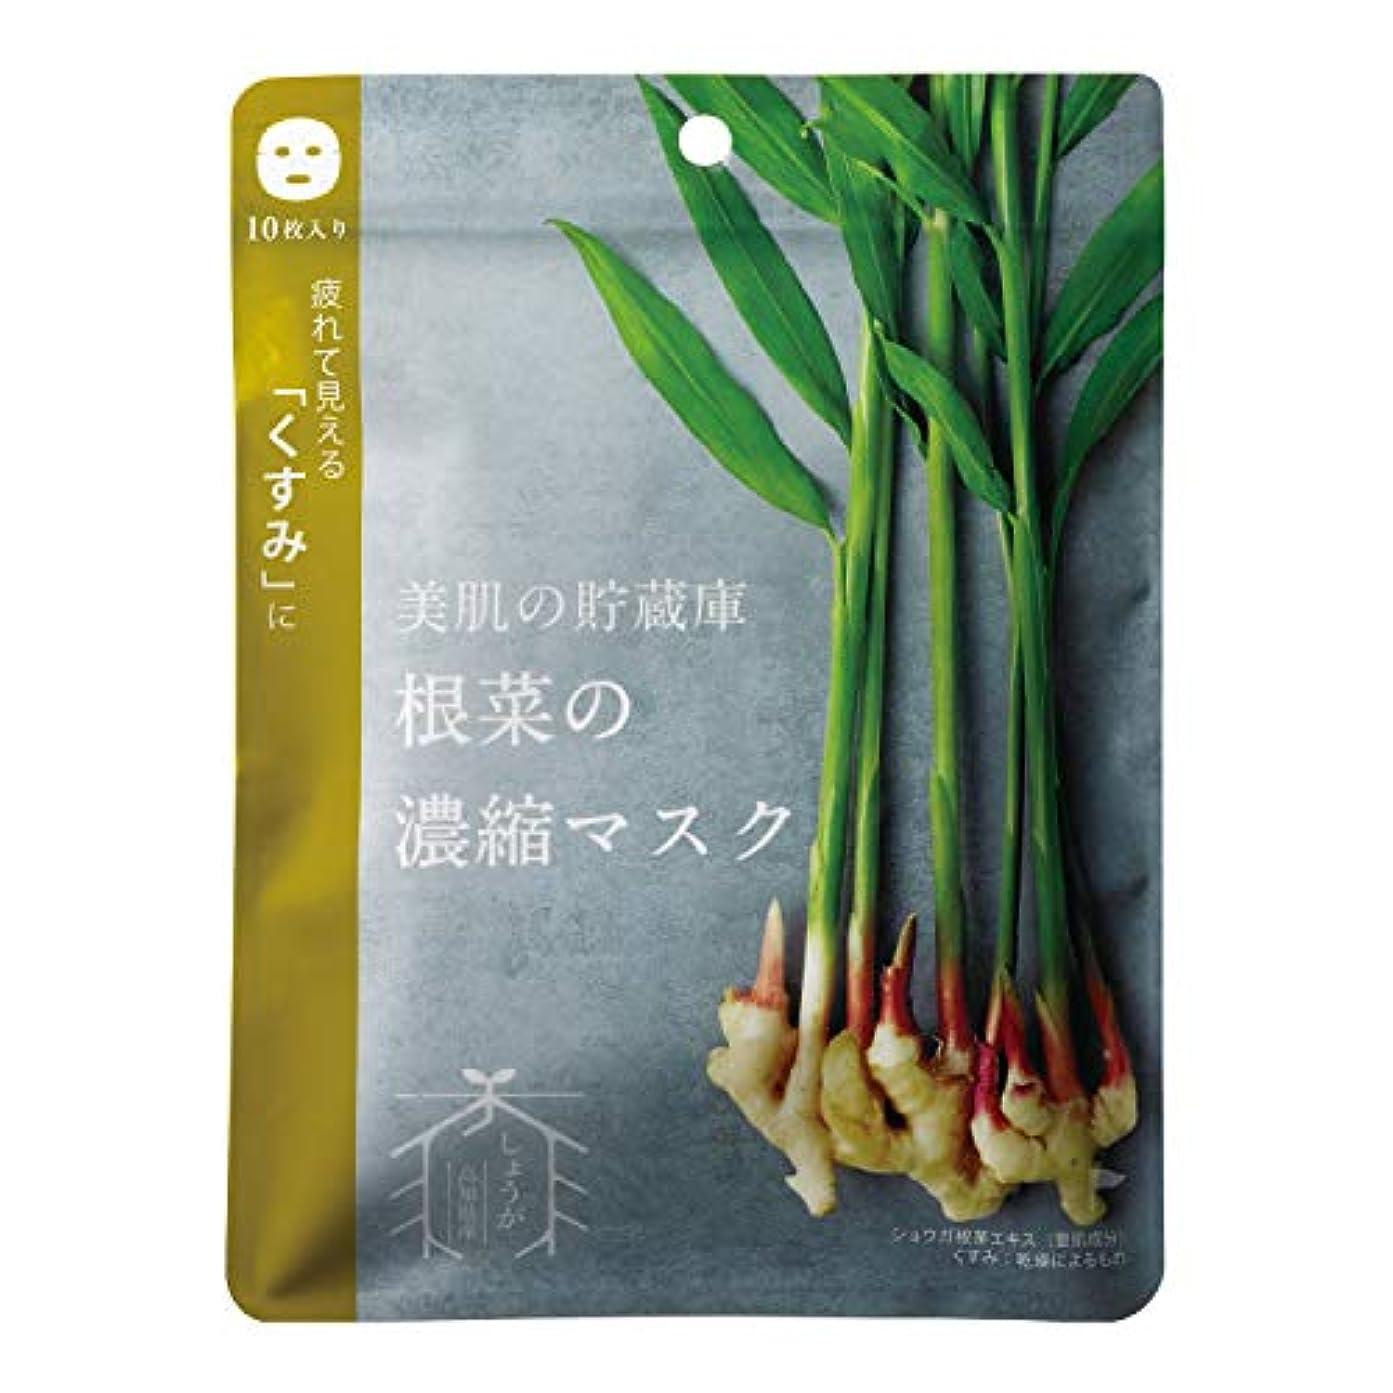 お母さん宝石追う@cosme nippon 美肌の貯蔵庫 根菜の濃縮マスク 土佐一しょうが 10枚 160ml